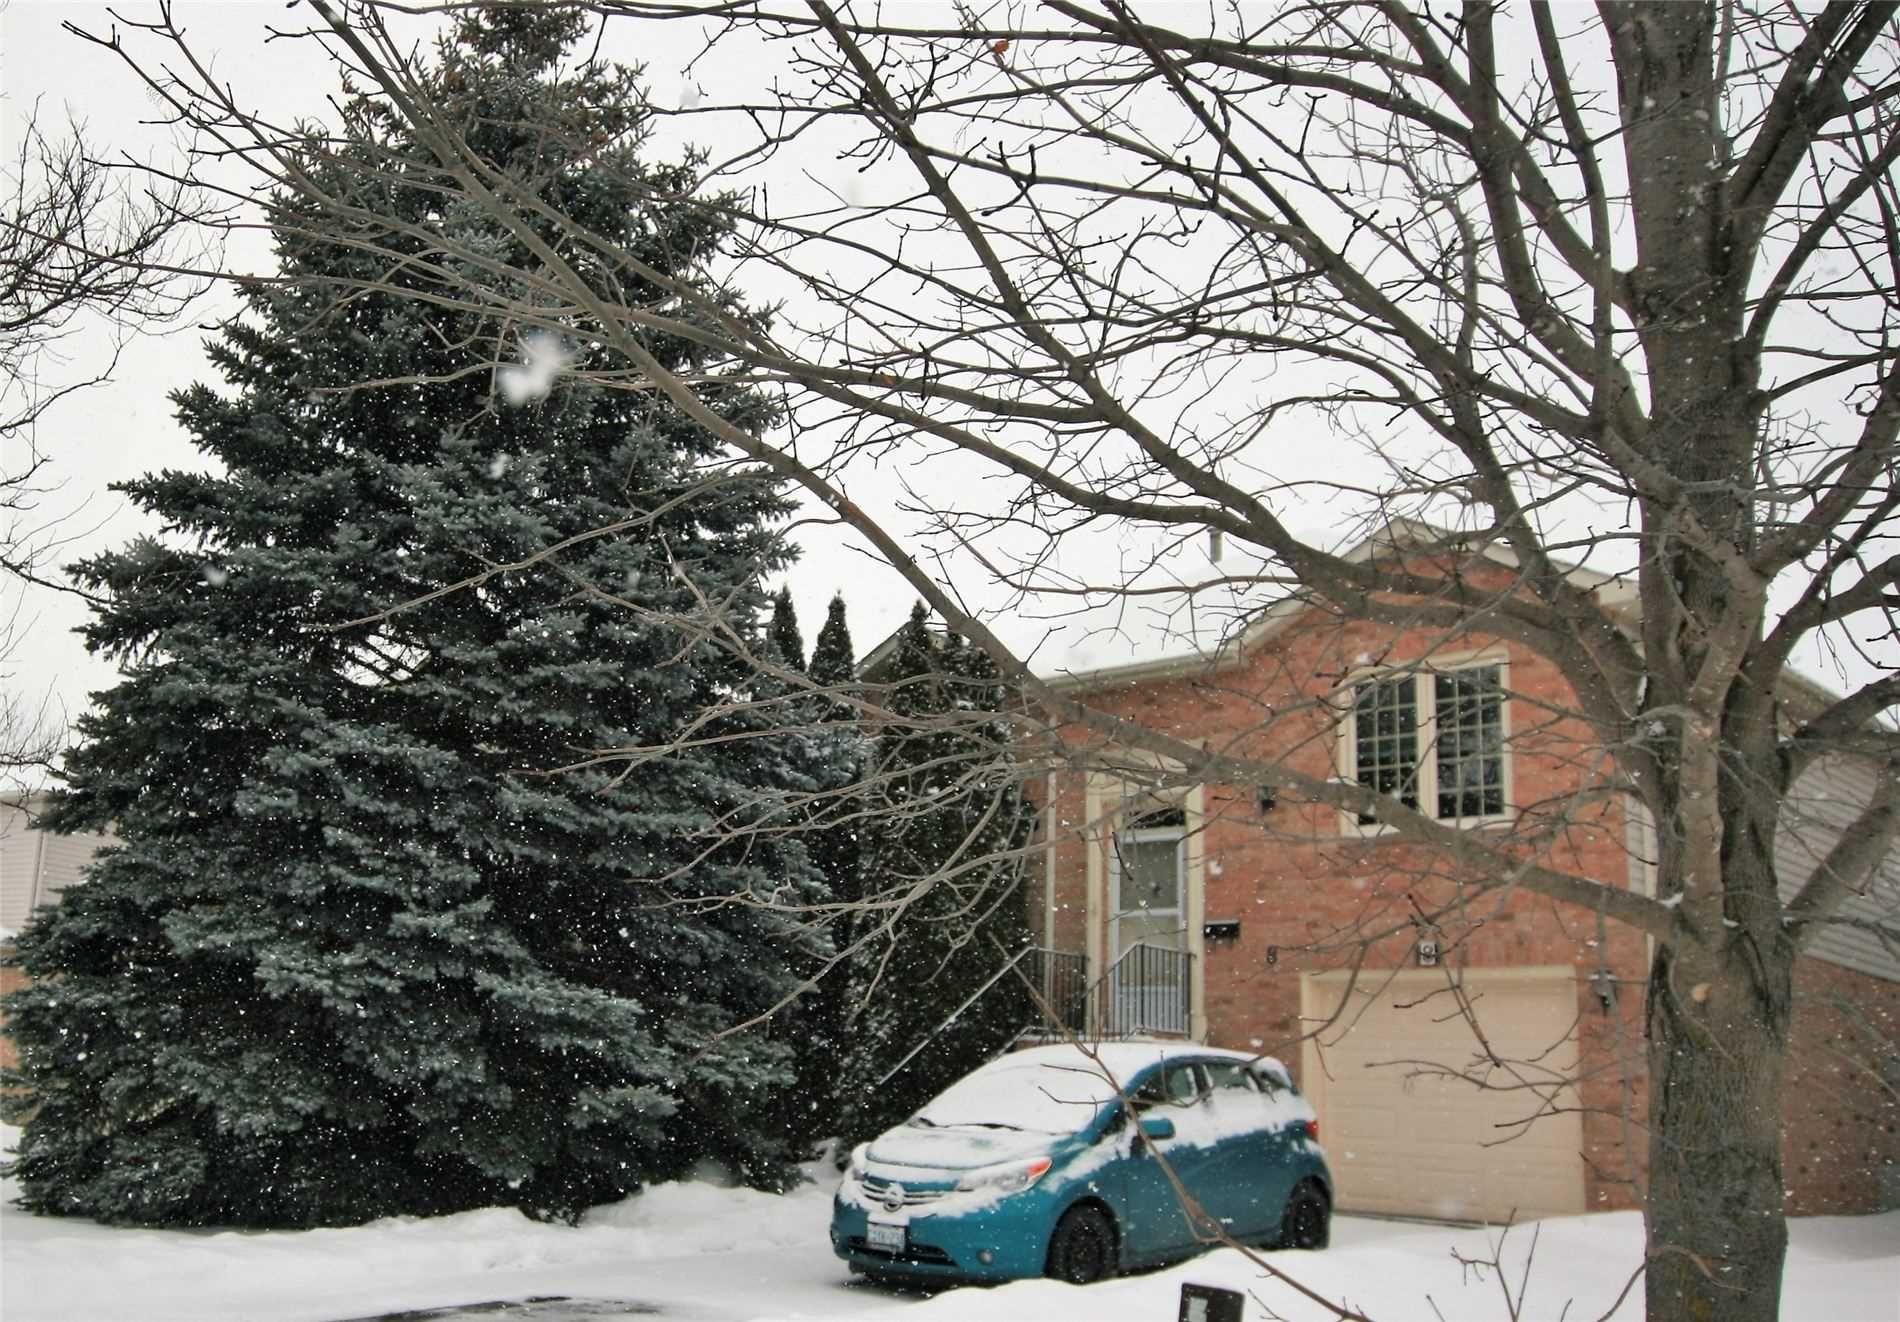 Main Photo: 8 Lawton Court: Orangeville House (Bungalow-Raised) for sale : MLS®# W5094848